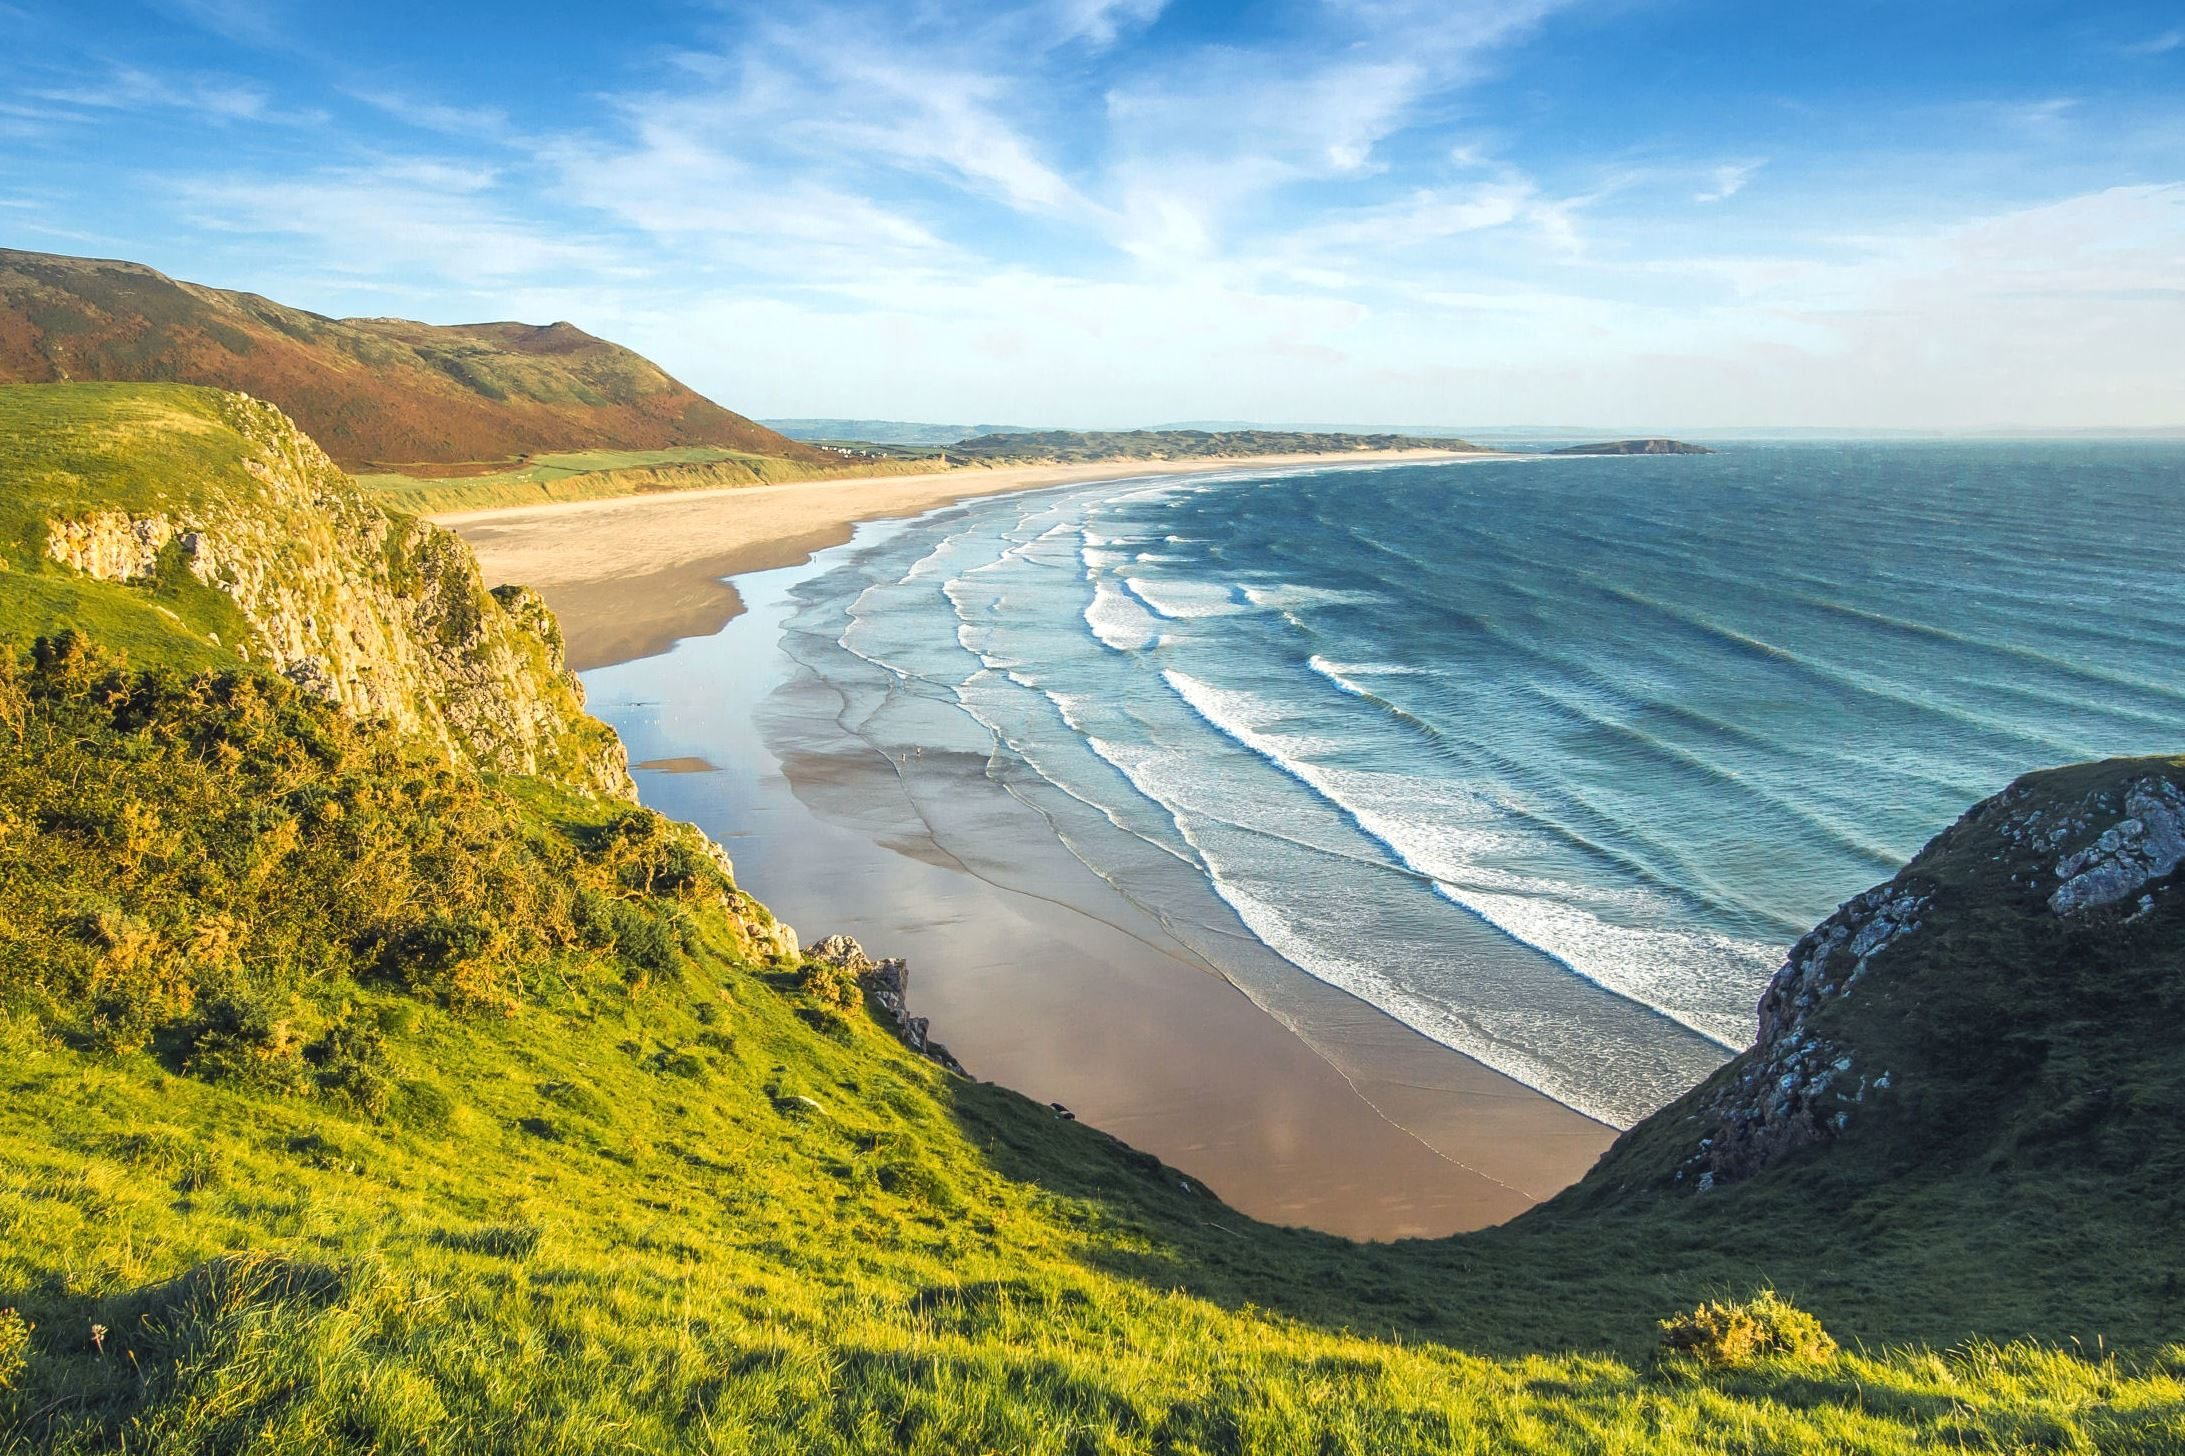 kostenlose bild meer strand wasser wellen strand küste